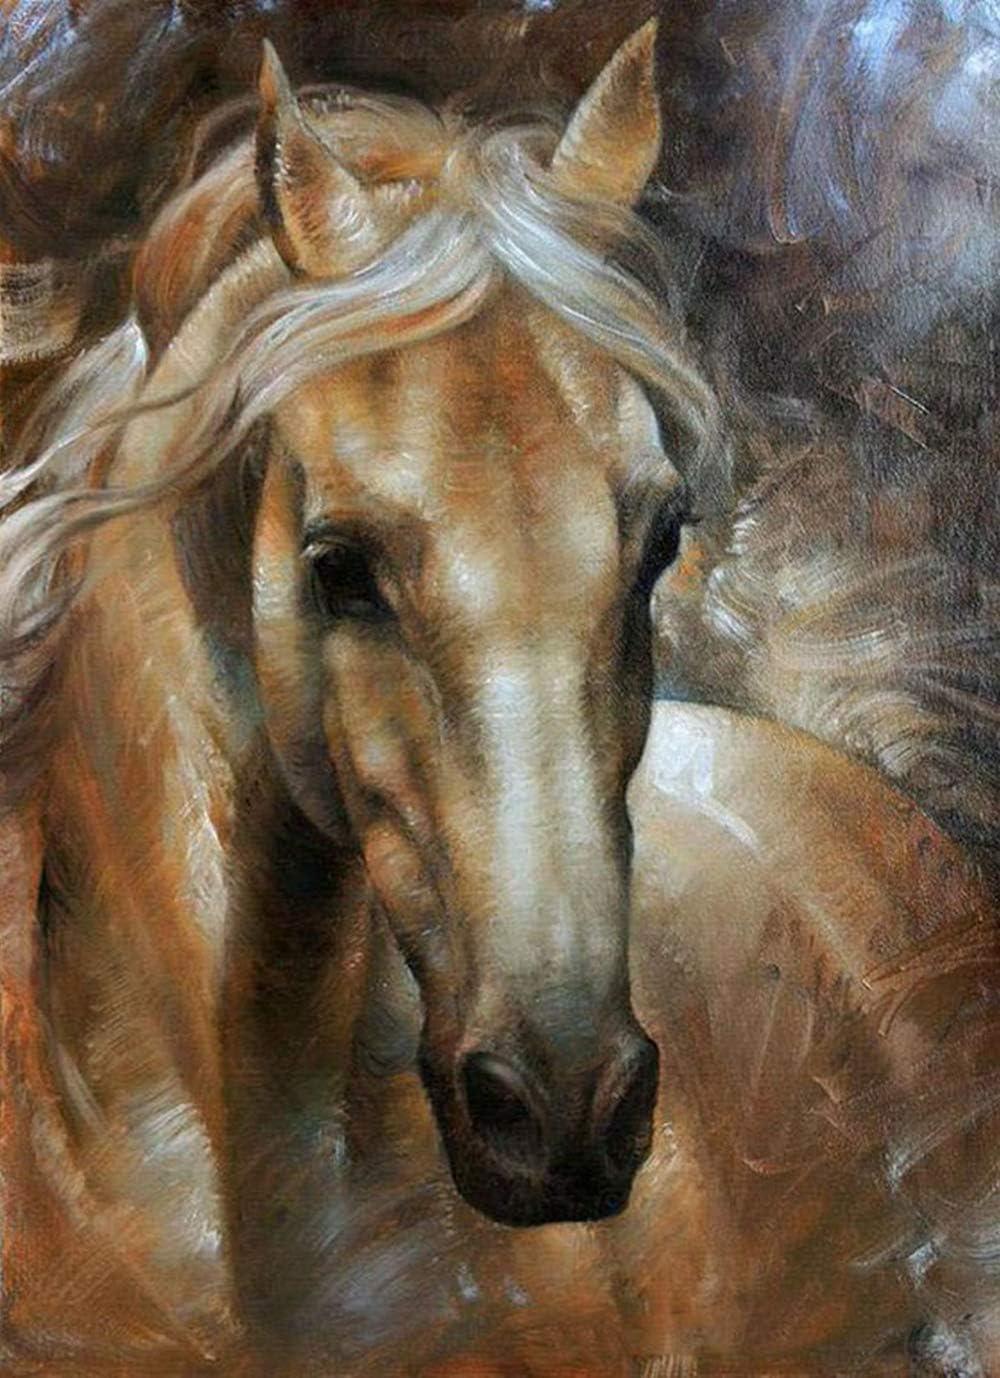 Kit de pintura de diamantes 5D para bricolaje,pinturas diy diseño de caballo de diamantes, diy pintura al oleo por numeros imitación, para decoración del hogar, 30 x 40 cm